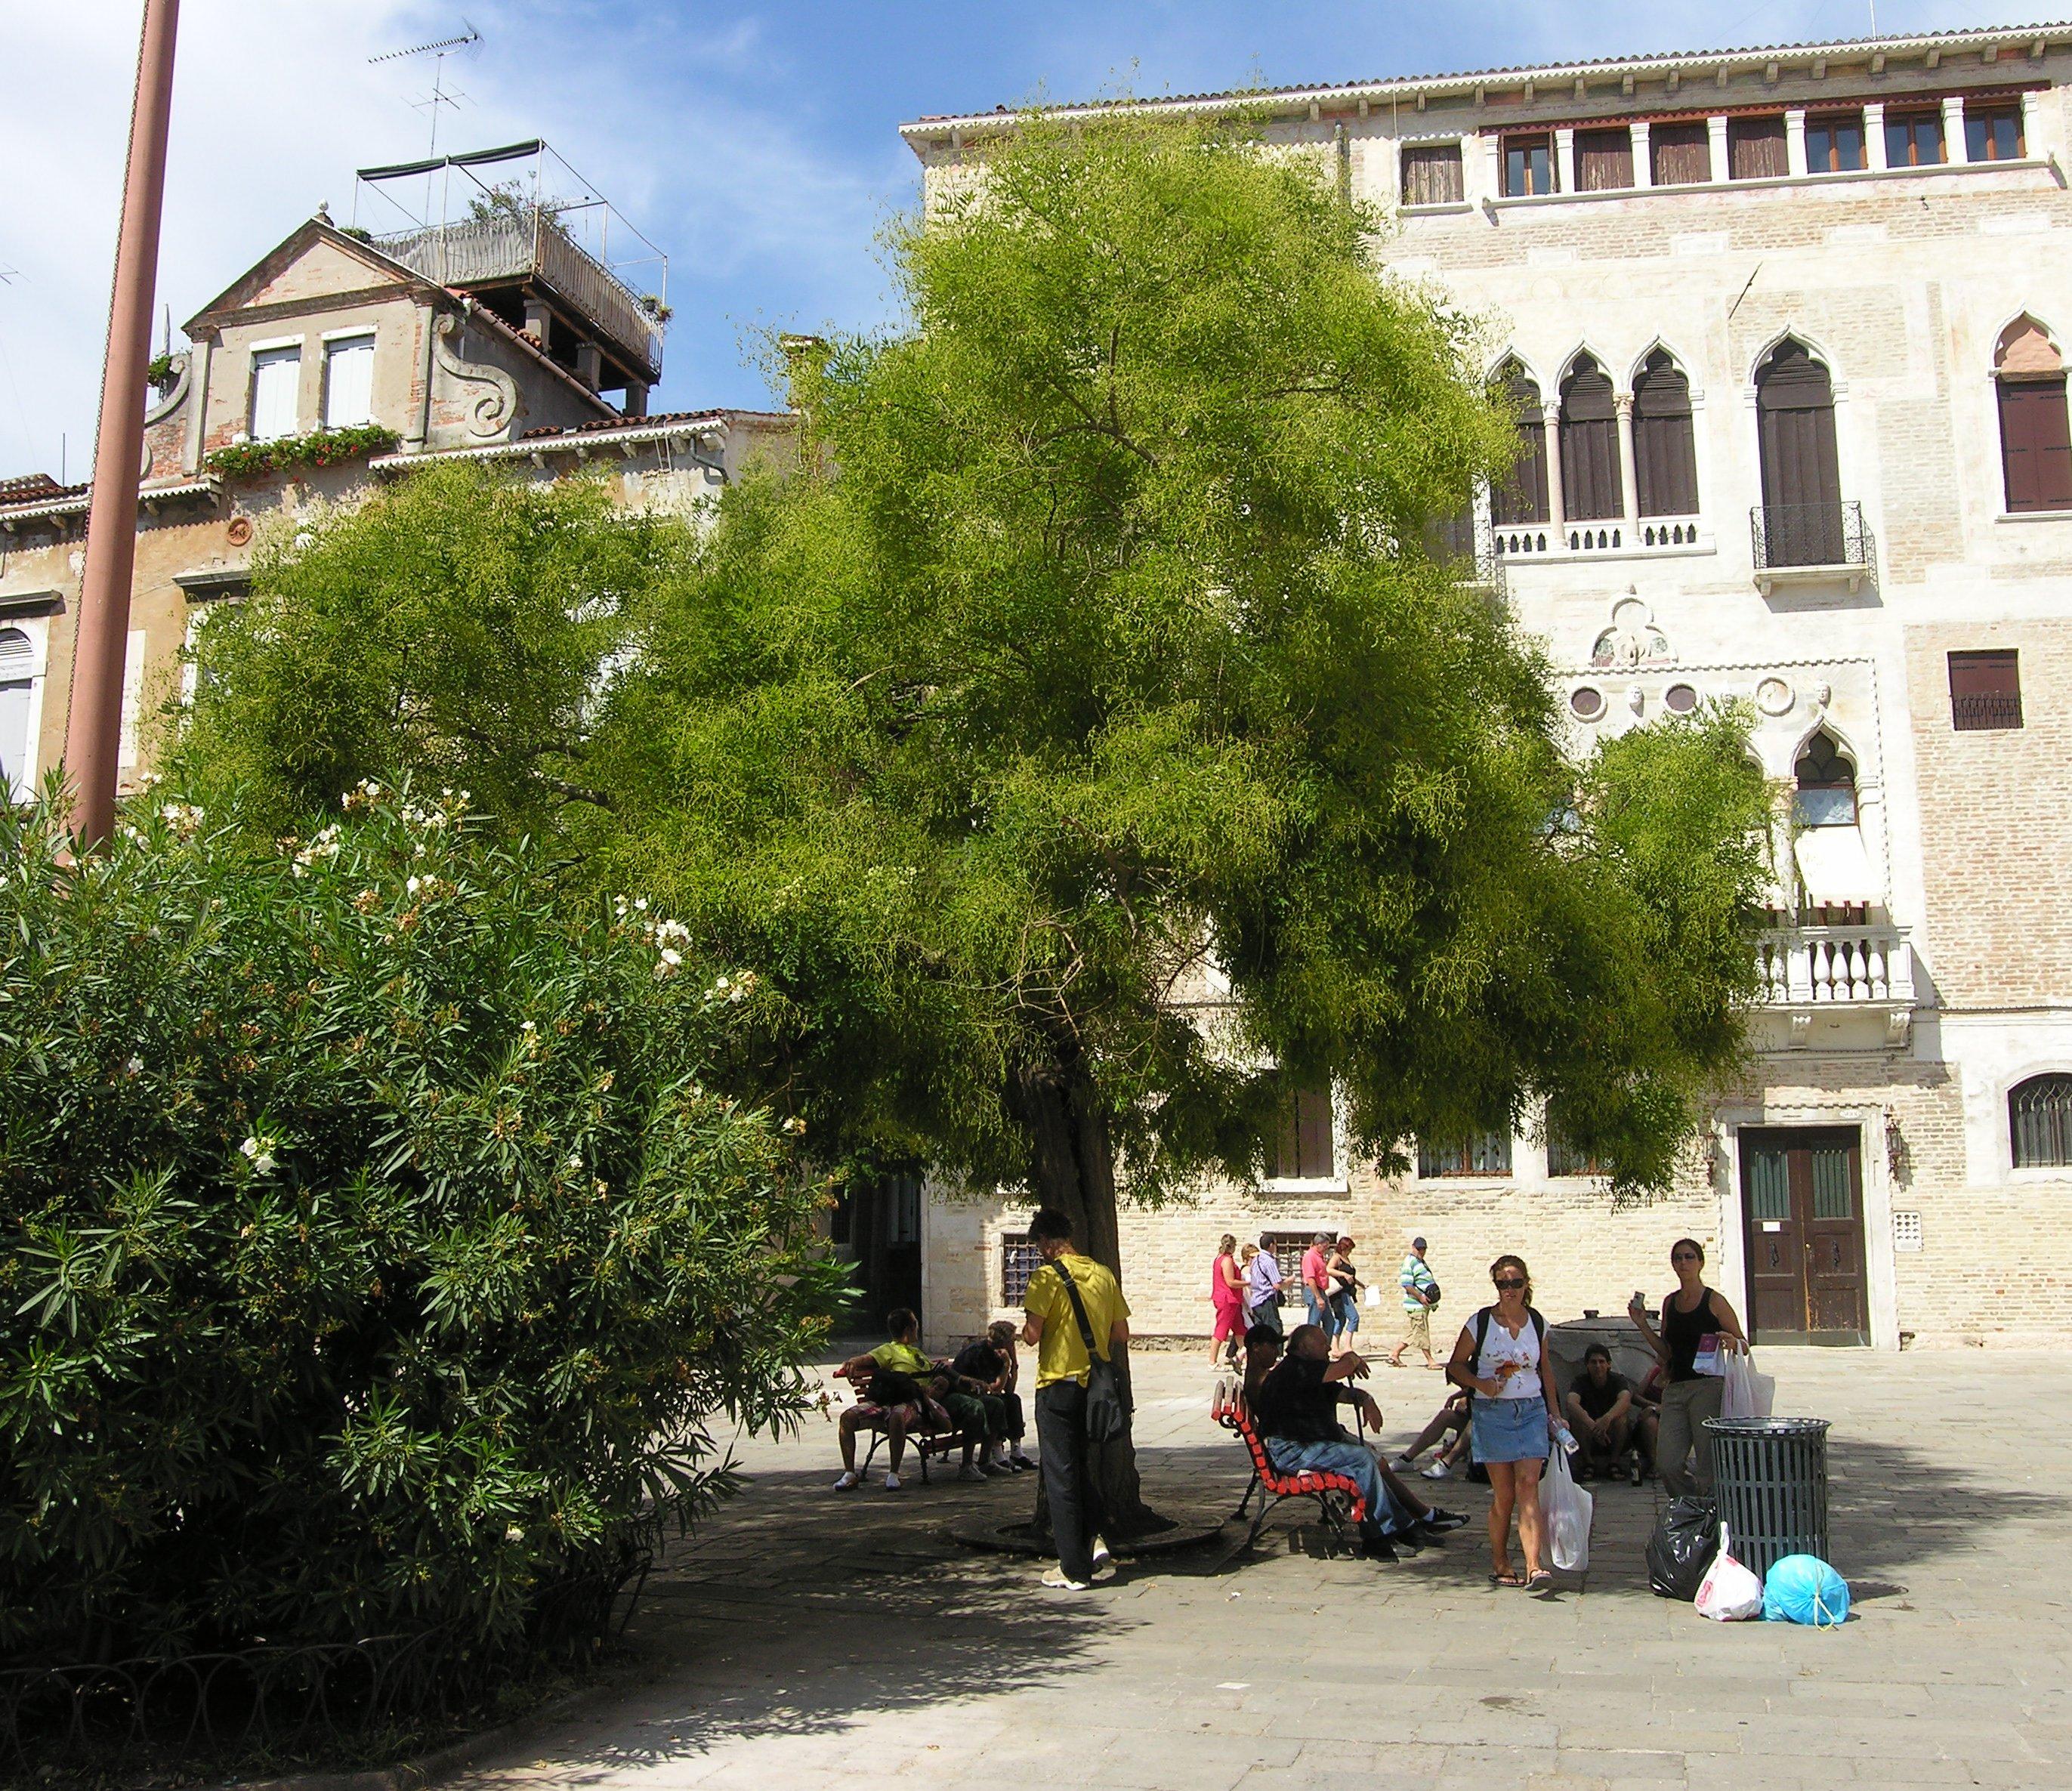 © Dipartimento di Scienze della Vita, Università degli Studi di Trieste<br>by Andrea Moro<br>Venezia, centro storico., VE, Veneto, Italia, 10/09/2007<br>Distributed under CC-BY-SA 4.0 license.